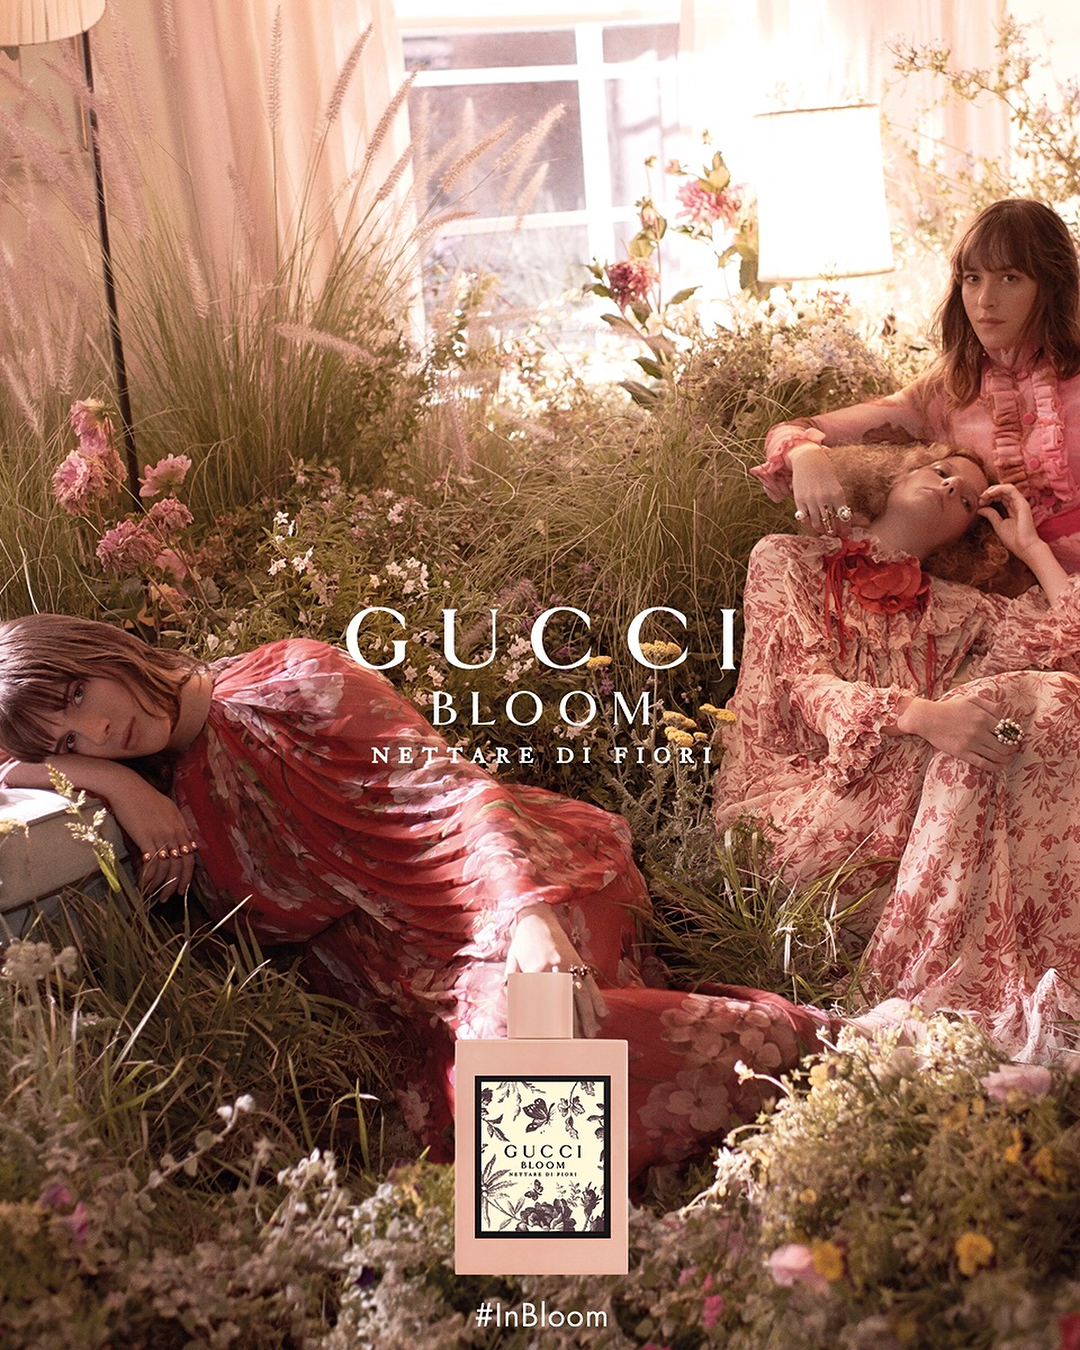 Gucci Bloom Nettare Di Fiori | Fragrance, Fragrance campaign, Bloom